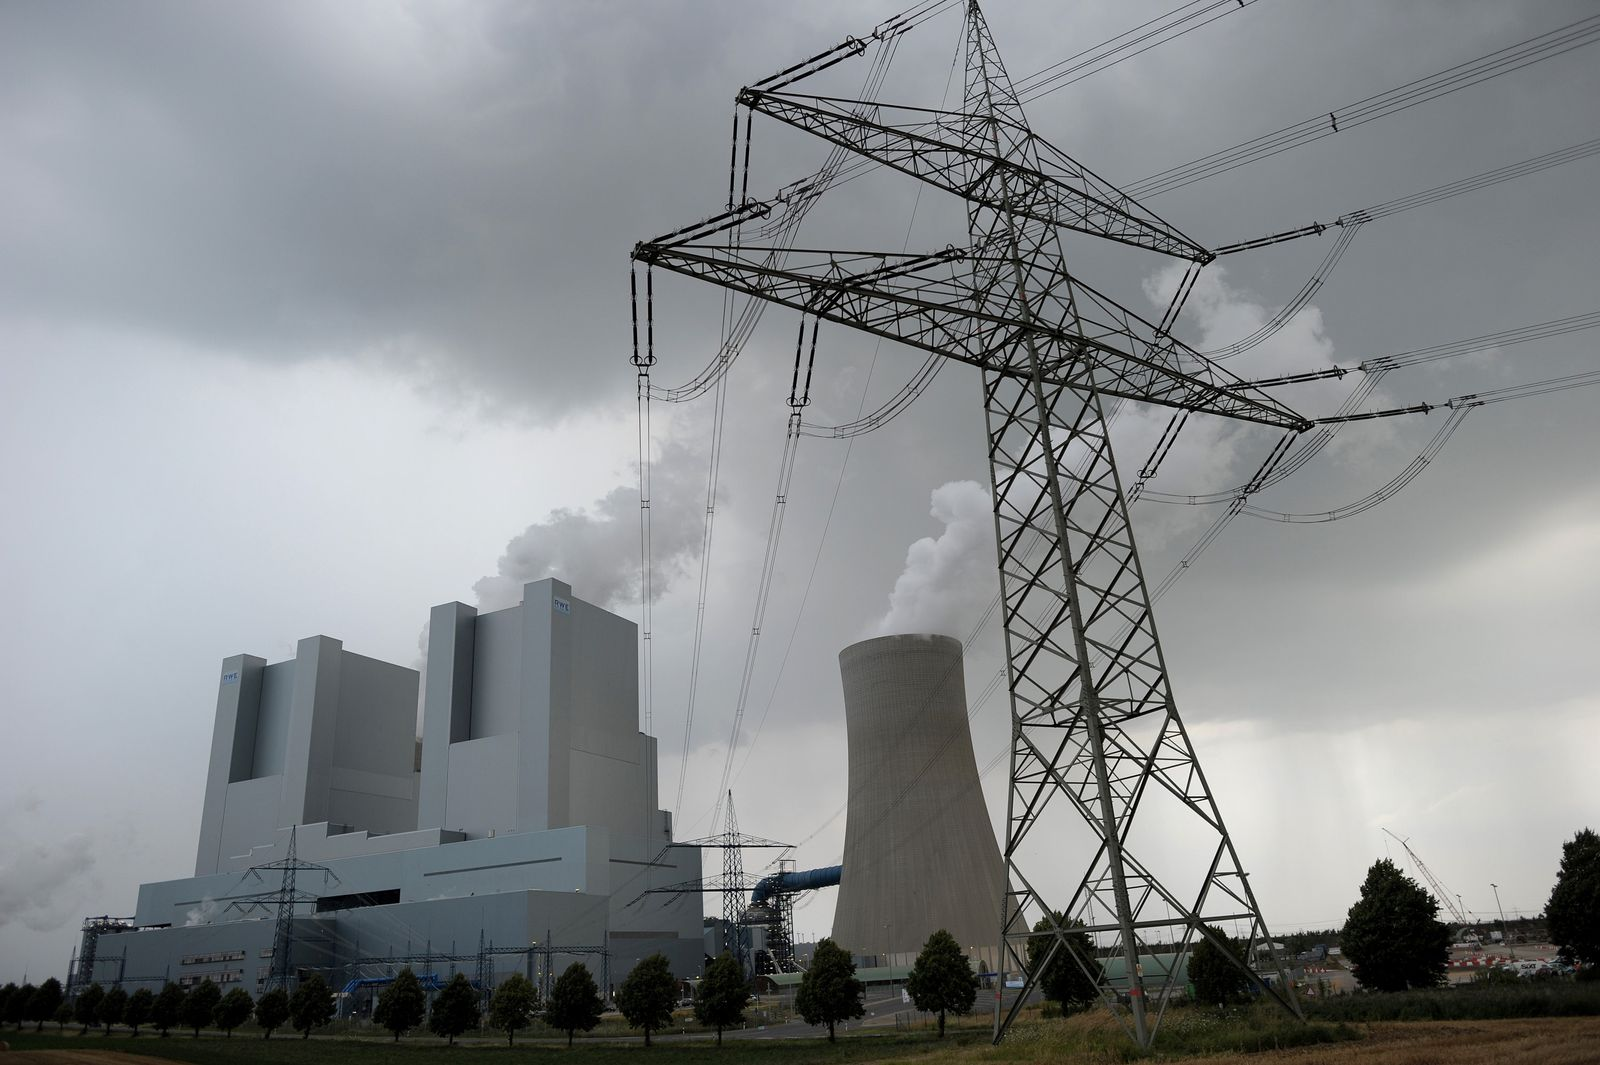 RWE nimmt neue Braunkohleblöcke in Betrieb